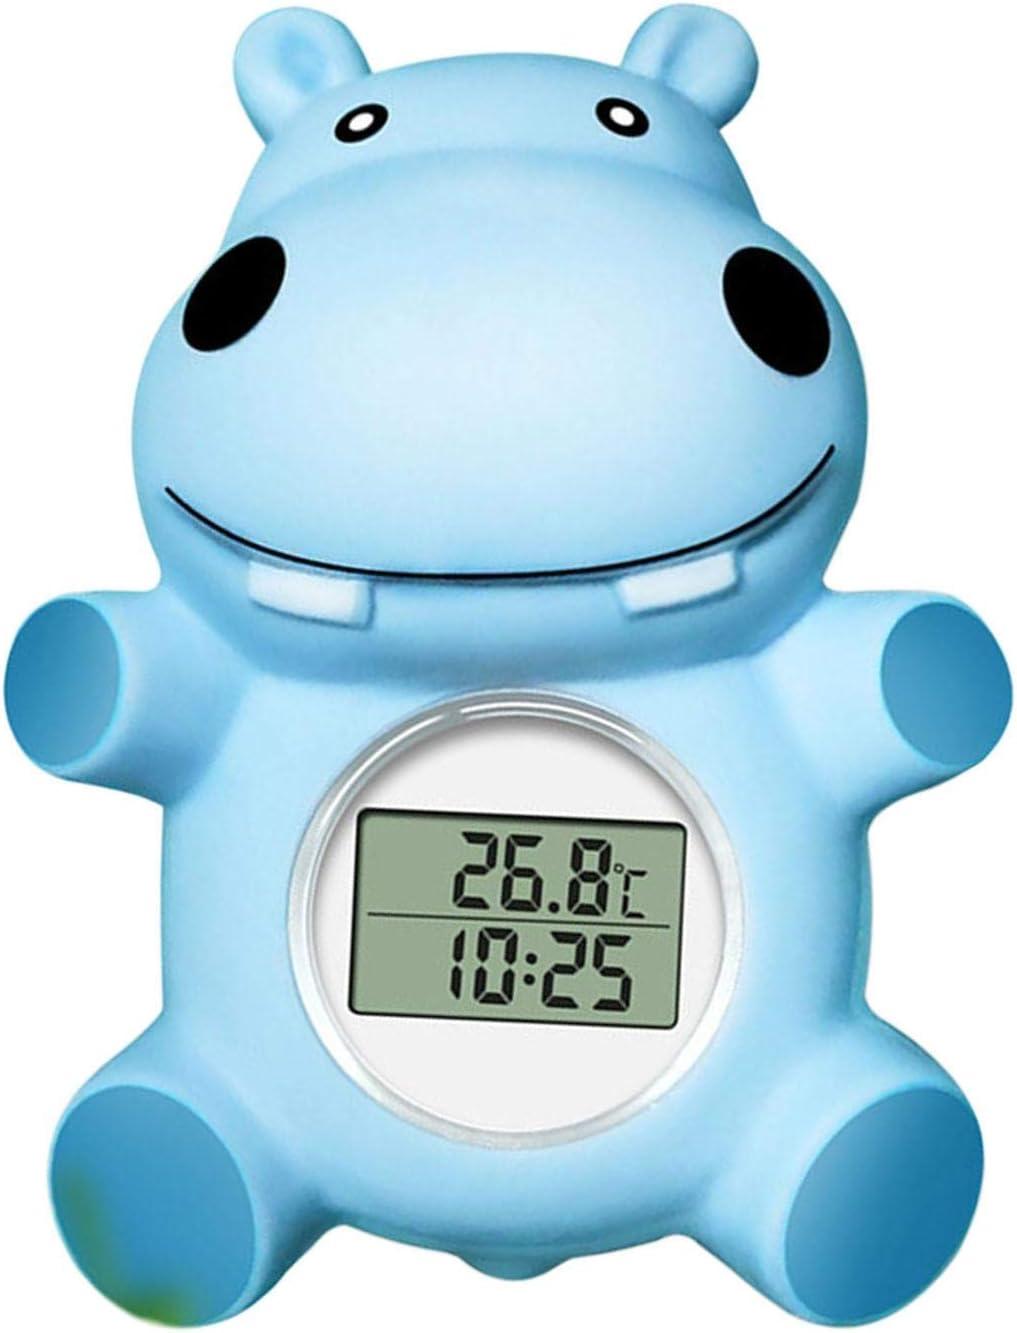 Nrkin Termómetro de baño y habitación para bebés Juguete Flotante para bañera Infantil y Piscina Termómetro de Temperatura del Agua de Seguridad Lovely Hippo Disponible para Fahrenheit y Celsius